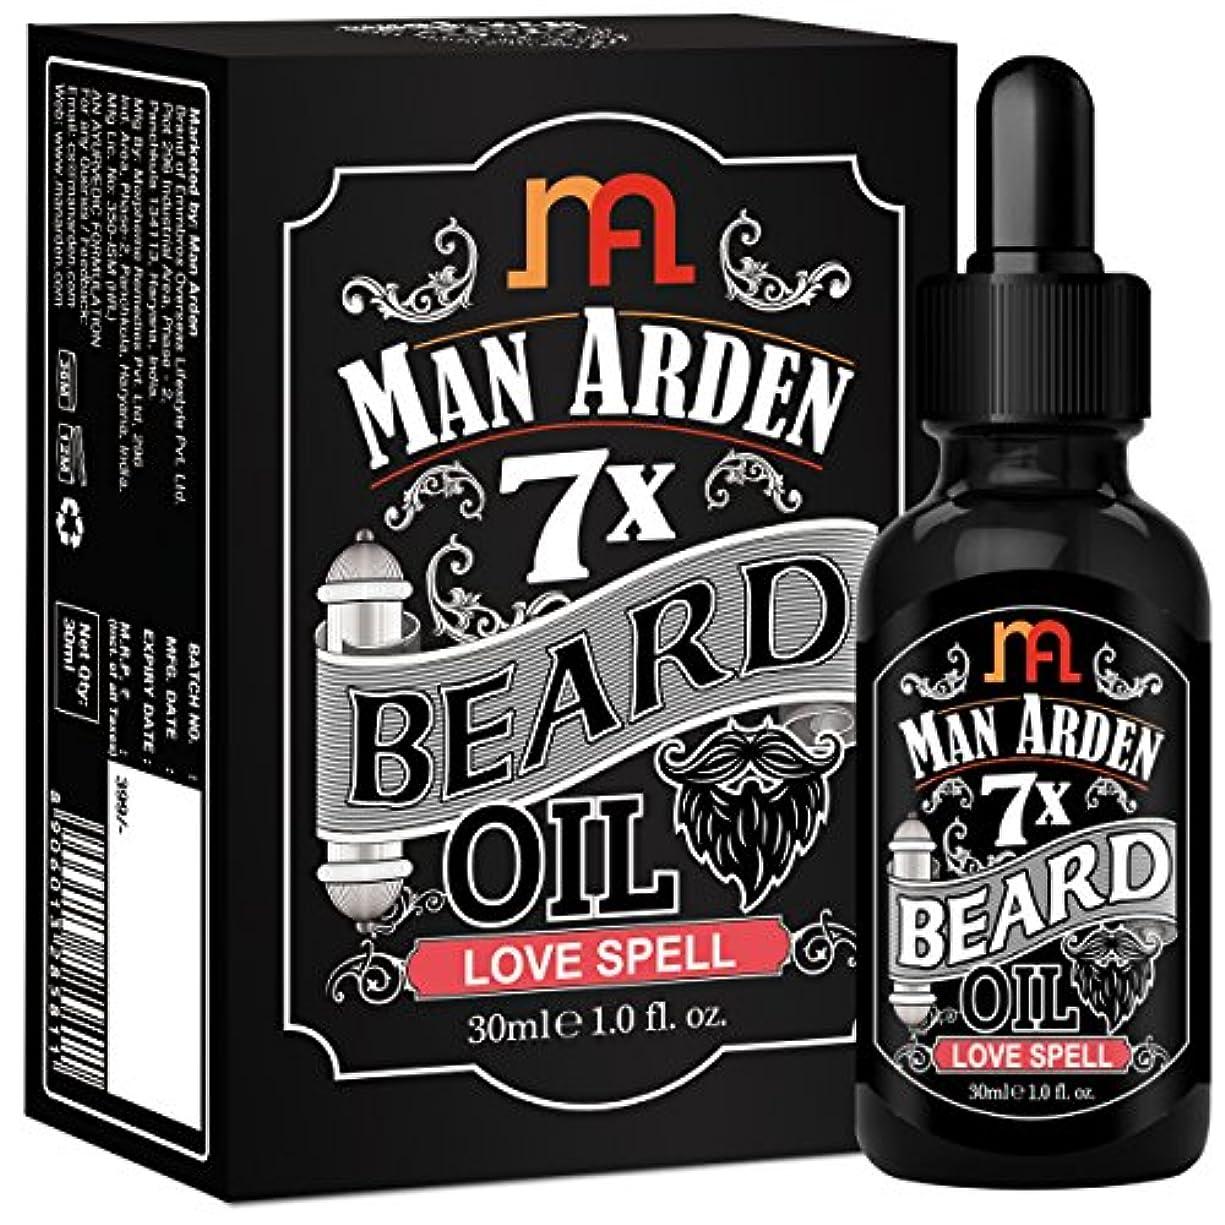 典型的な間に合わせ束ねるMan Arden 7X Beard Oil 30ml (Love Spell) - 7 Premium Oils Blend For Beard Growth & Nourishment